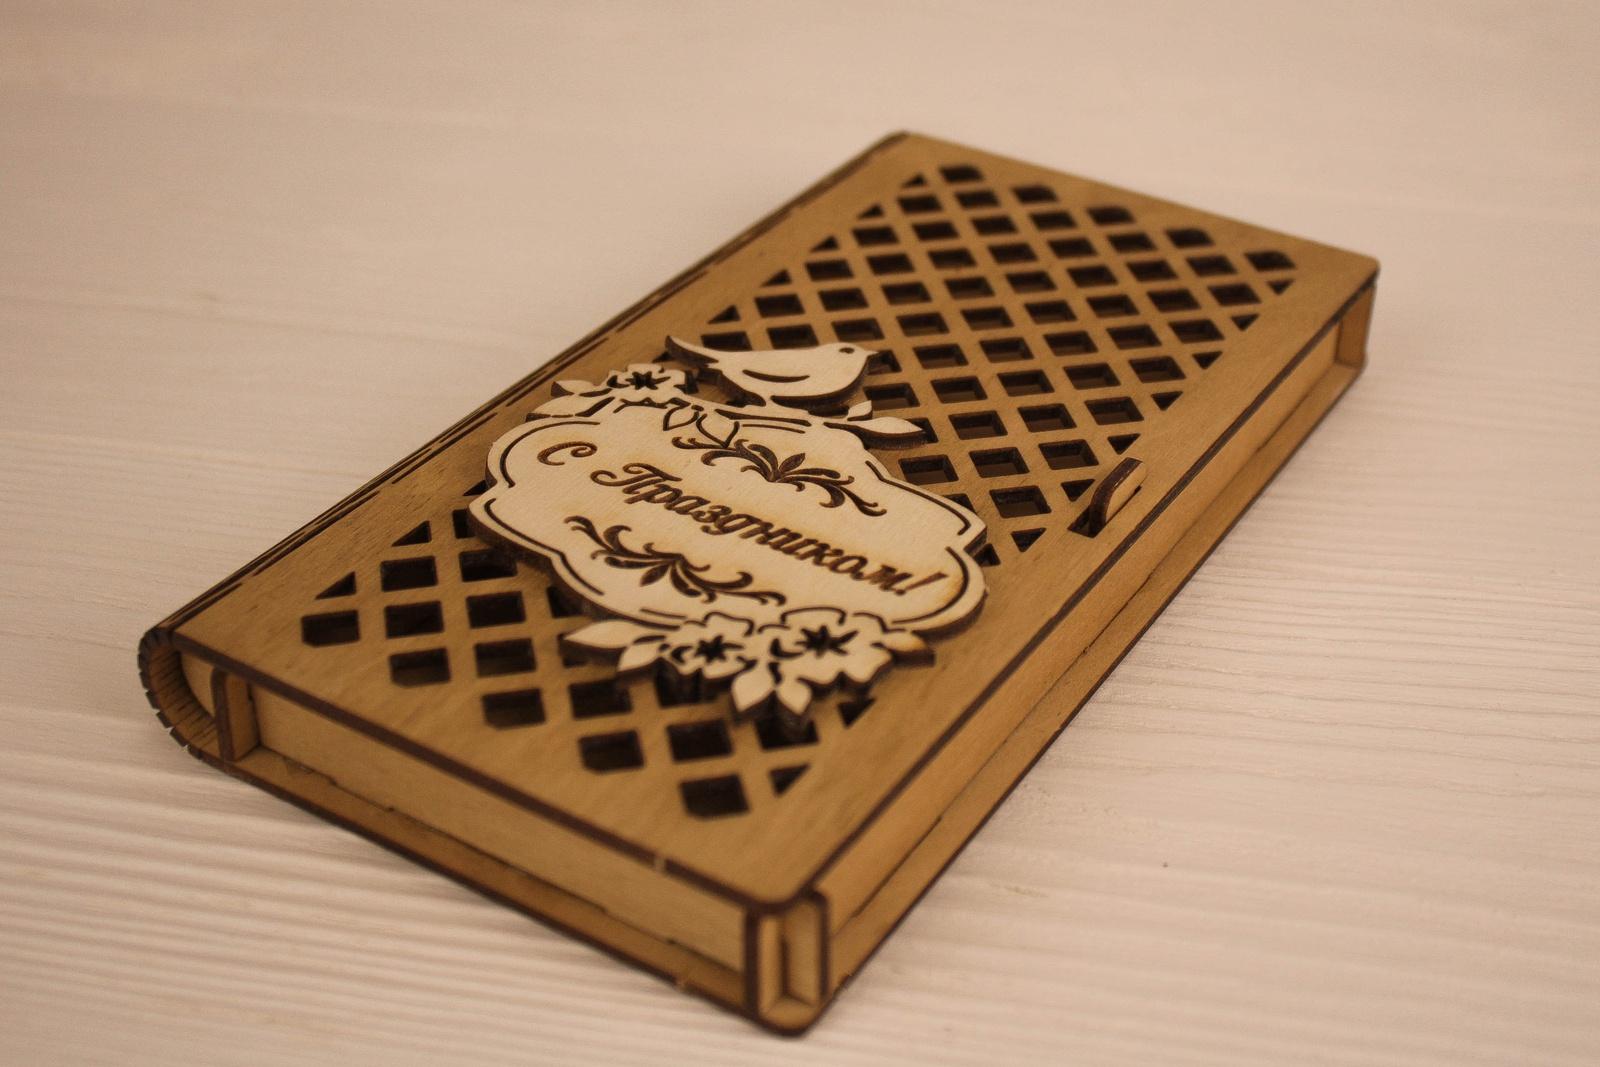 Подарочная упаковка Мастер Дизайн Сув558001700, коричневый подарочная упаковка мастер дизайн пу385001700 коричневый